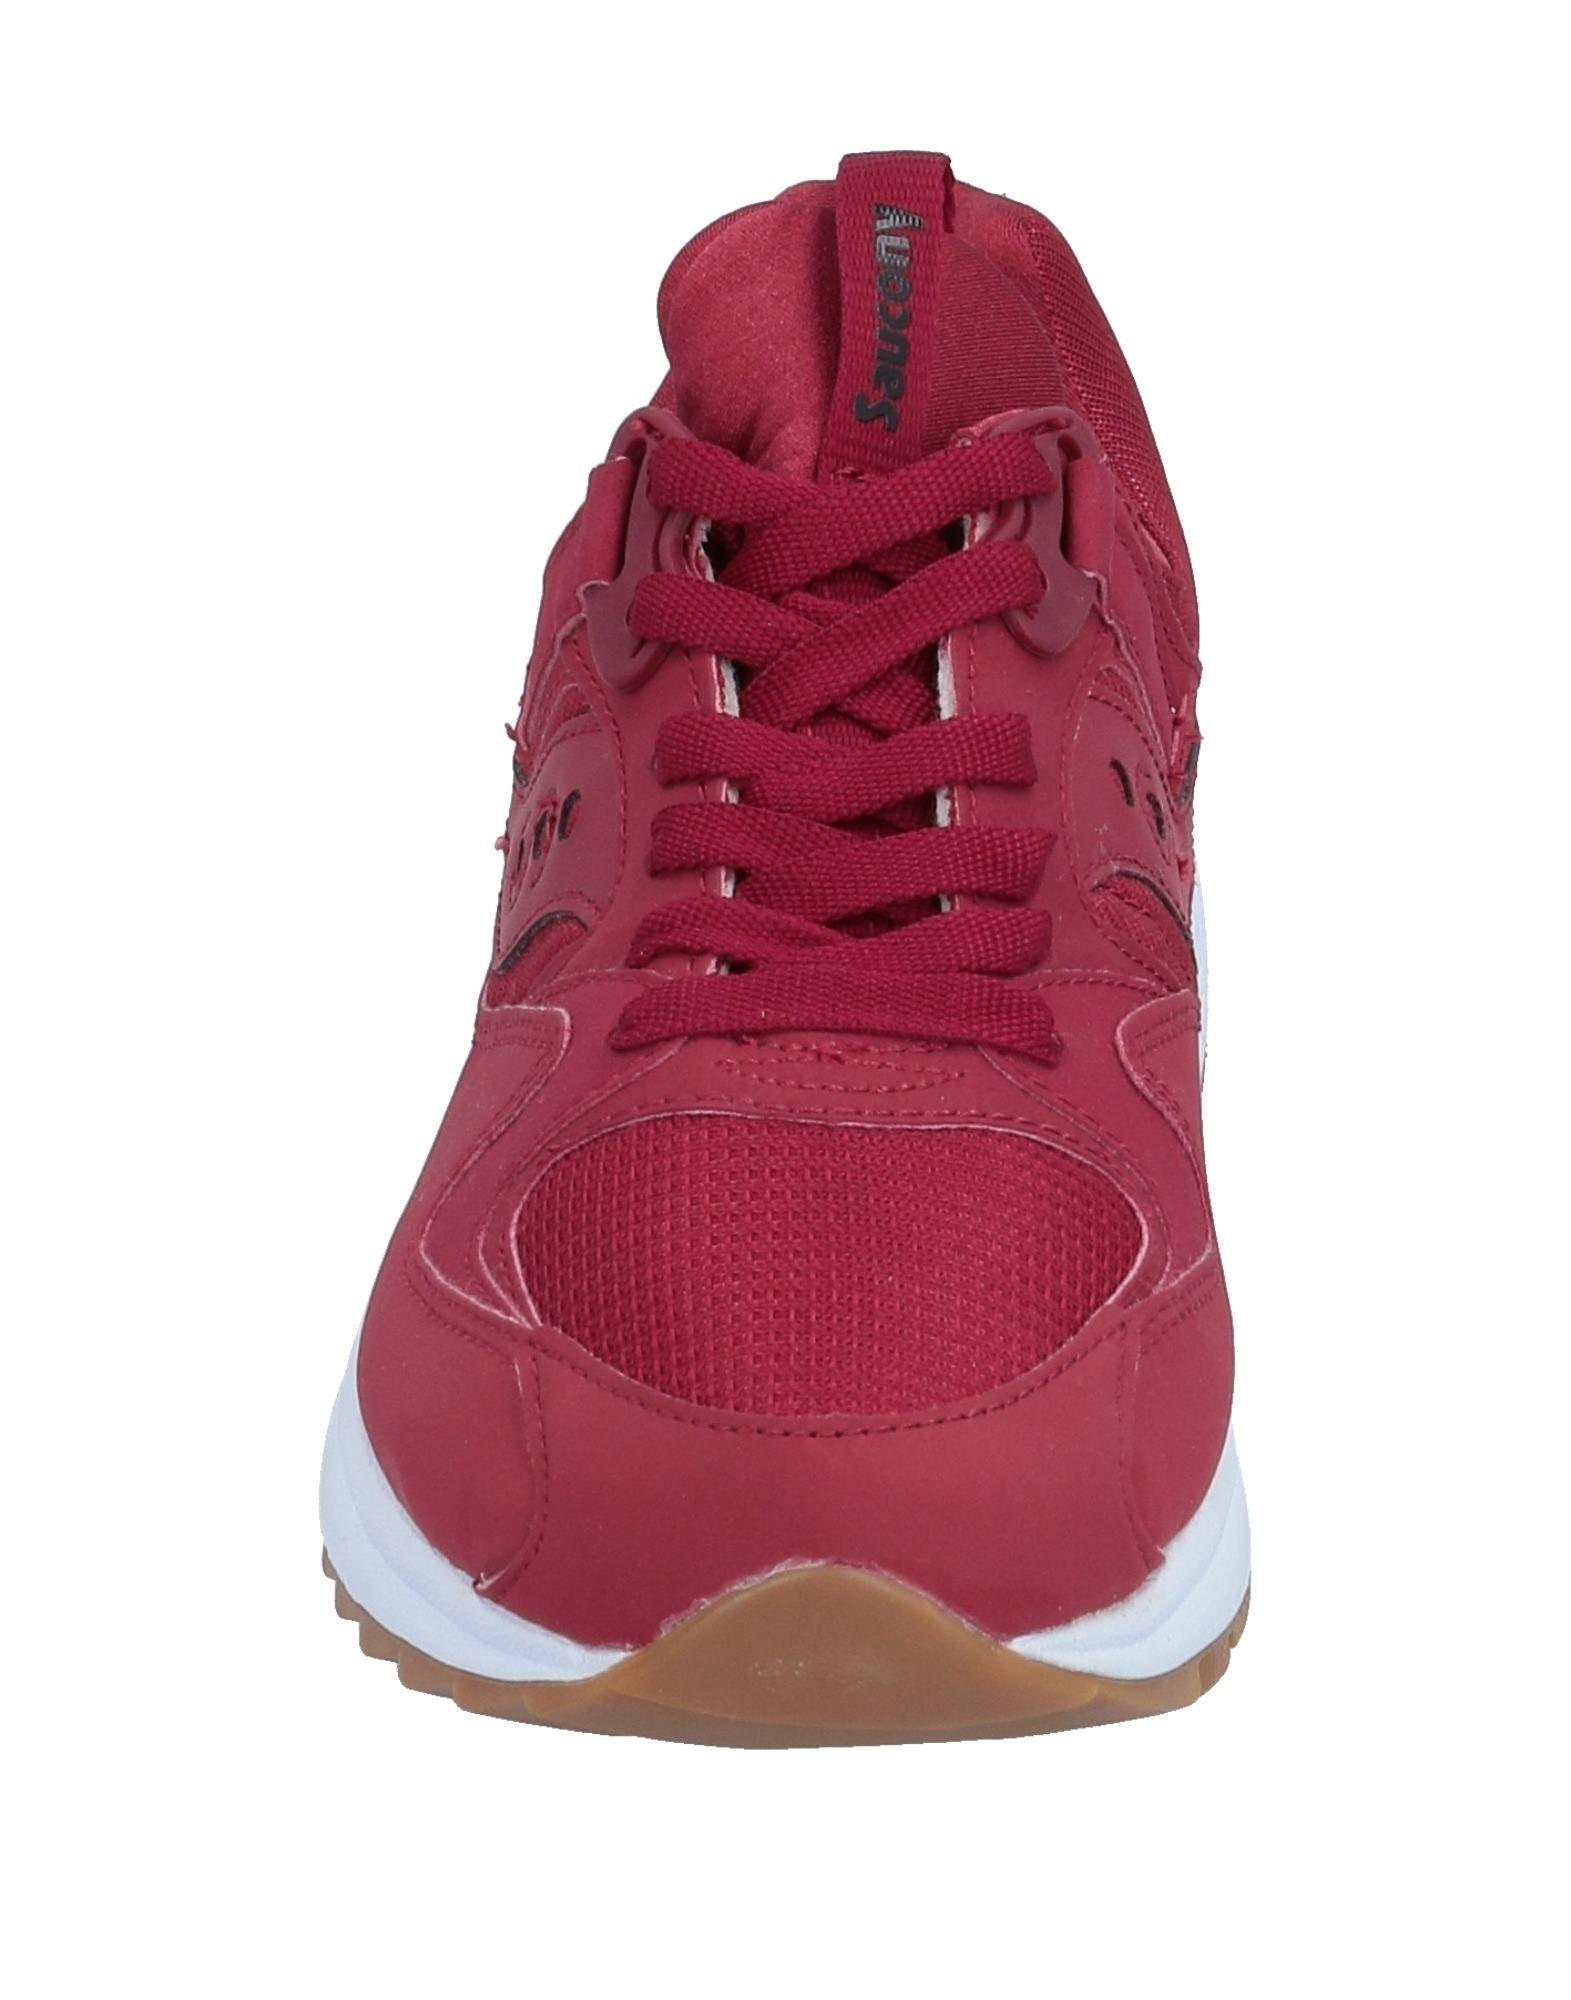 Saucony Sneakers Herren Herren Sneakers  11517452OS cb53c5